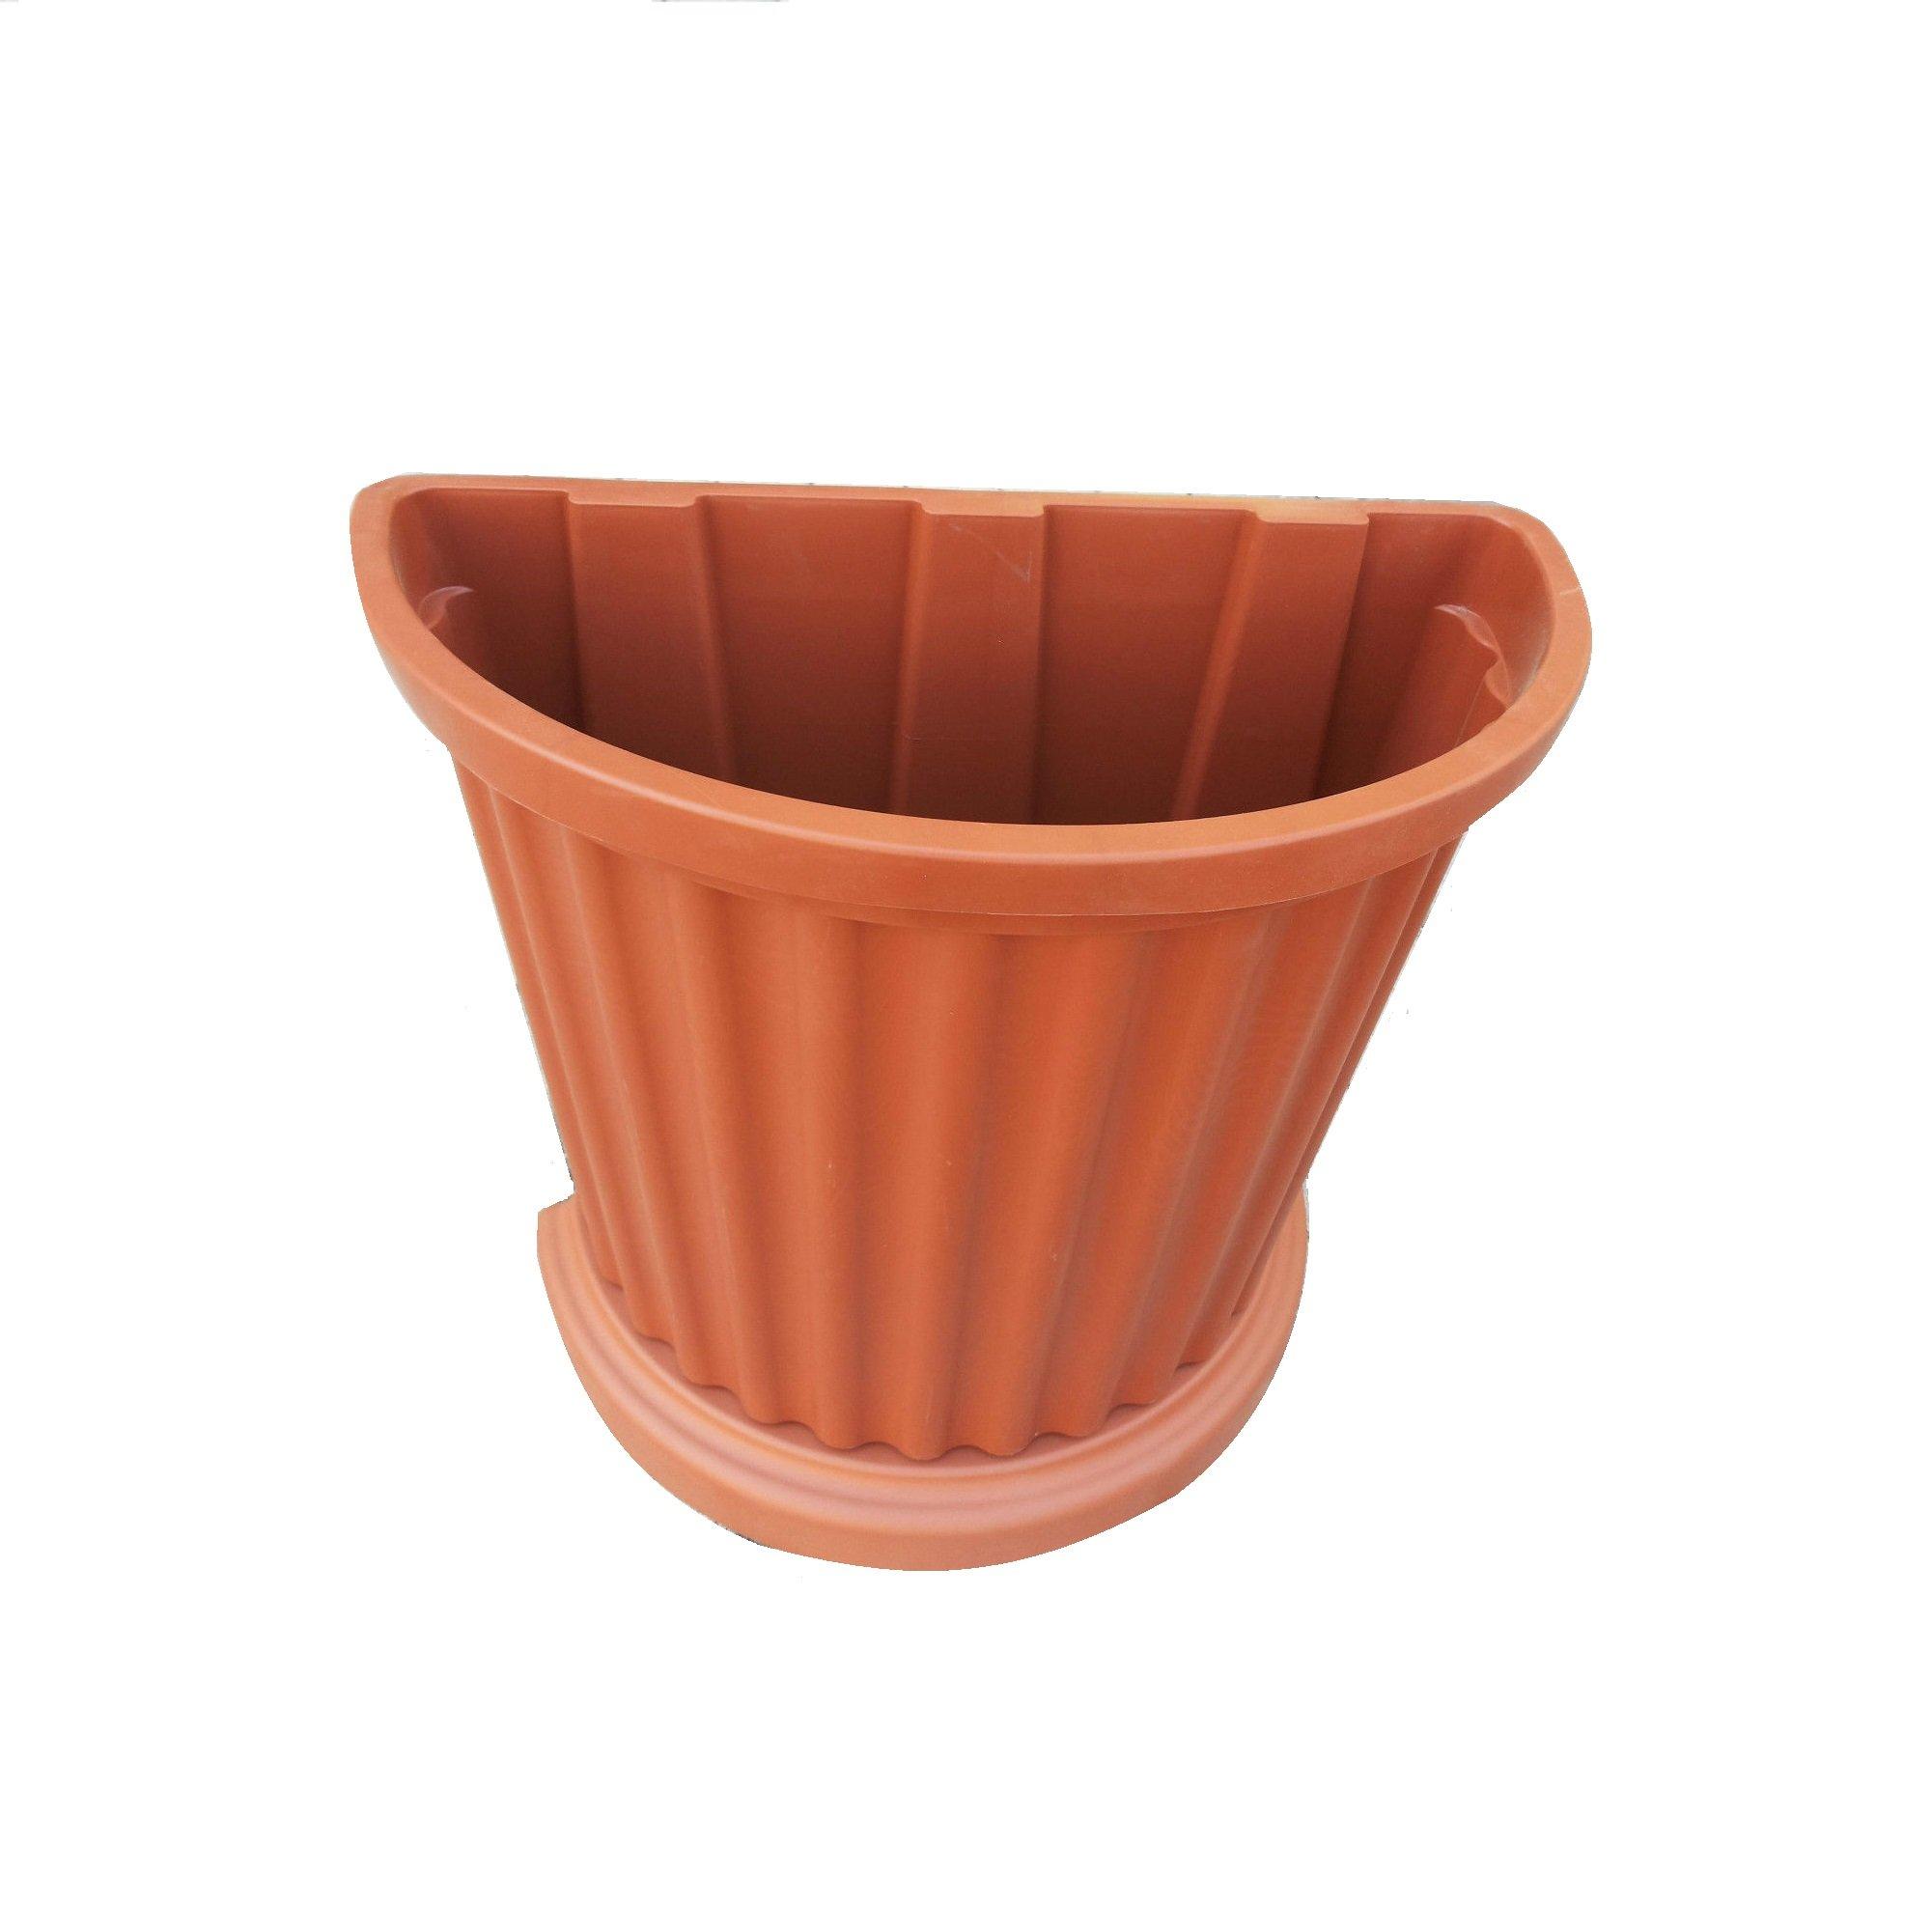 Produttori Vasi In Plastica.Vaso A Parete Plastica Marrone Muro Mezzaluna Fiori Piante Esterno